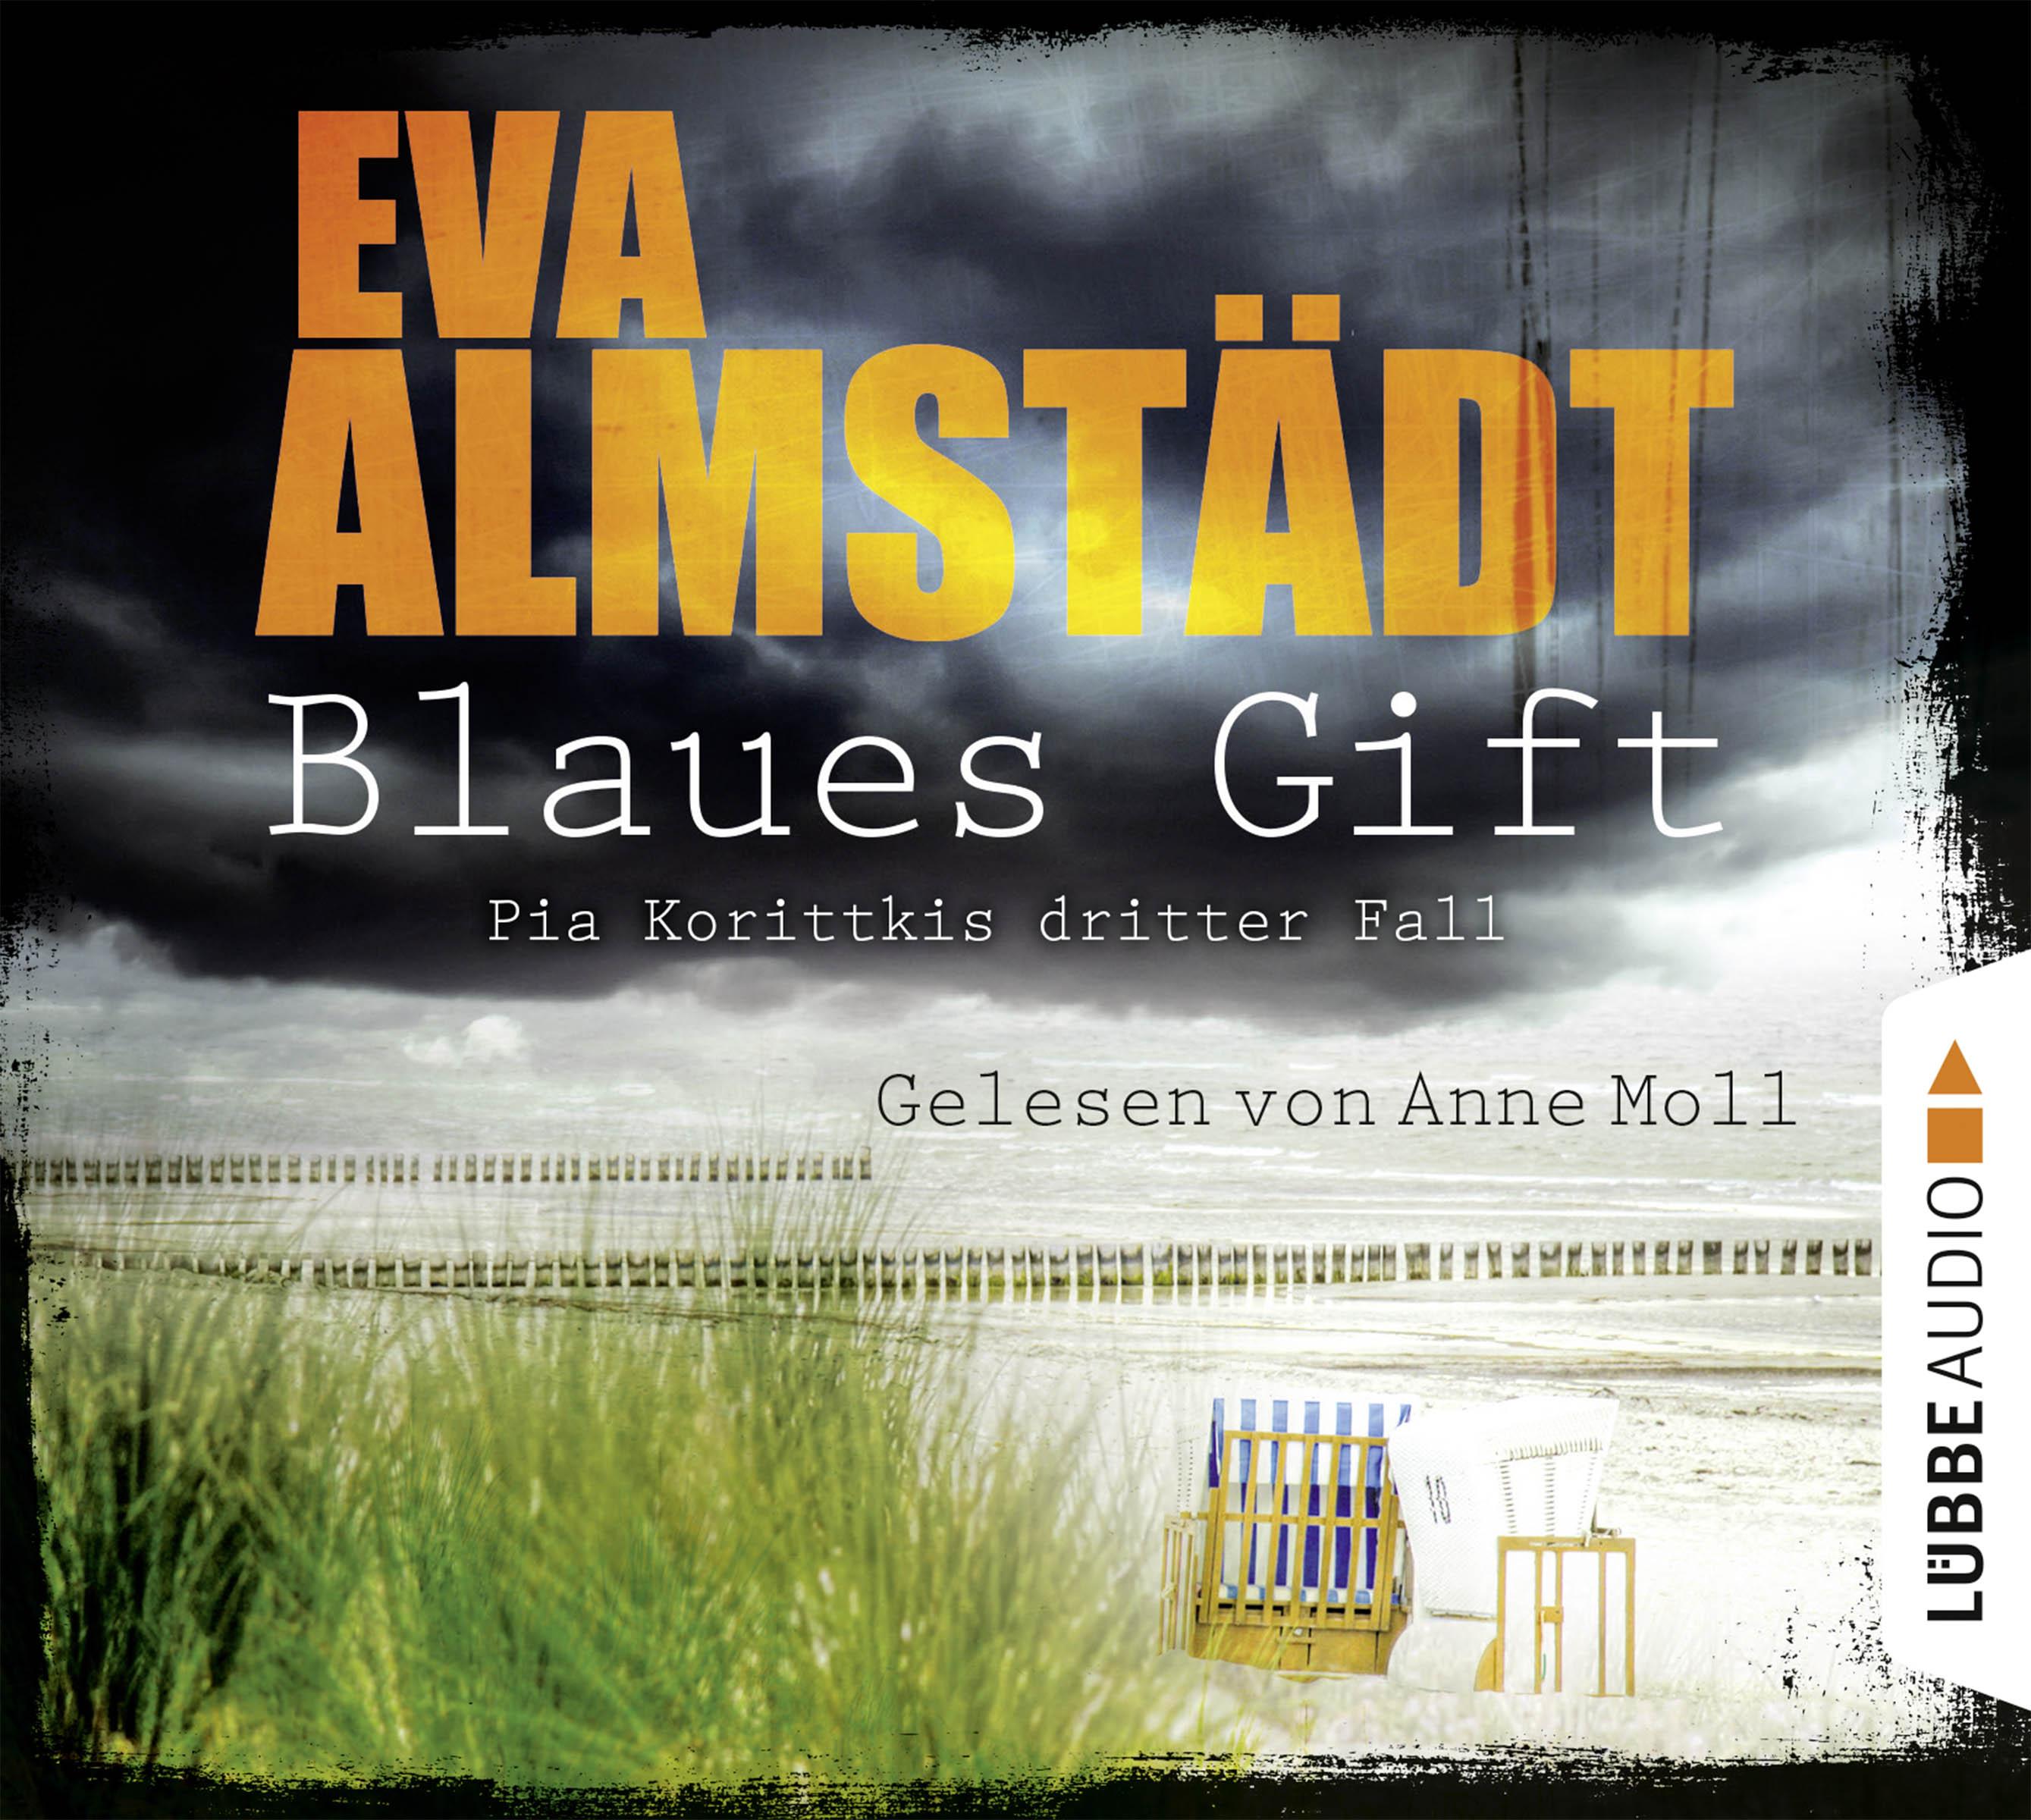 Eva-Almstaedt-Blaues-Gift-9783785750834